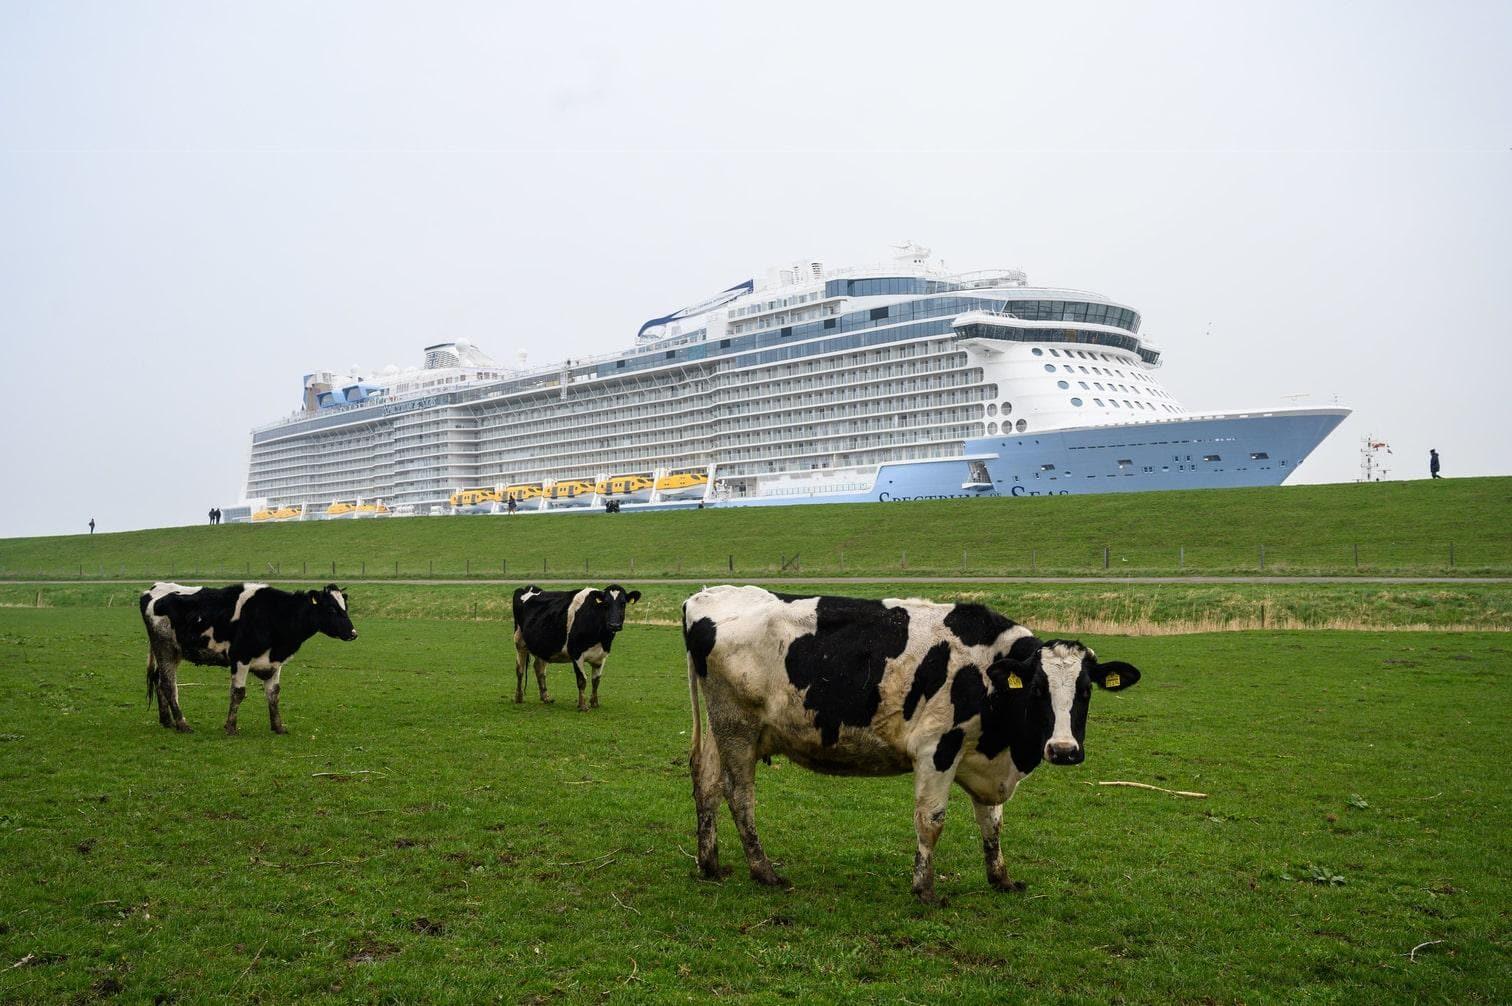 """<p>Dutzende Zuschauer begleiteten die Überführung der """"Spectrum of the Seas"""" vom Ufer aus.</p> Foto: dpa/Christophe Gateau"""